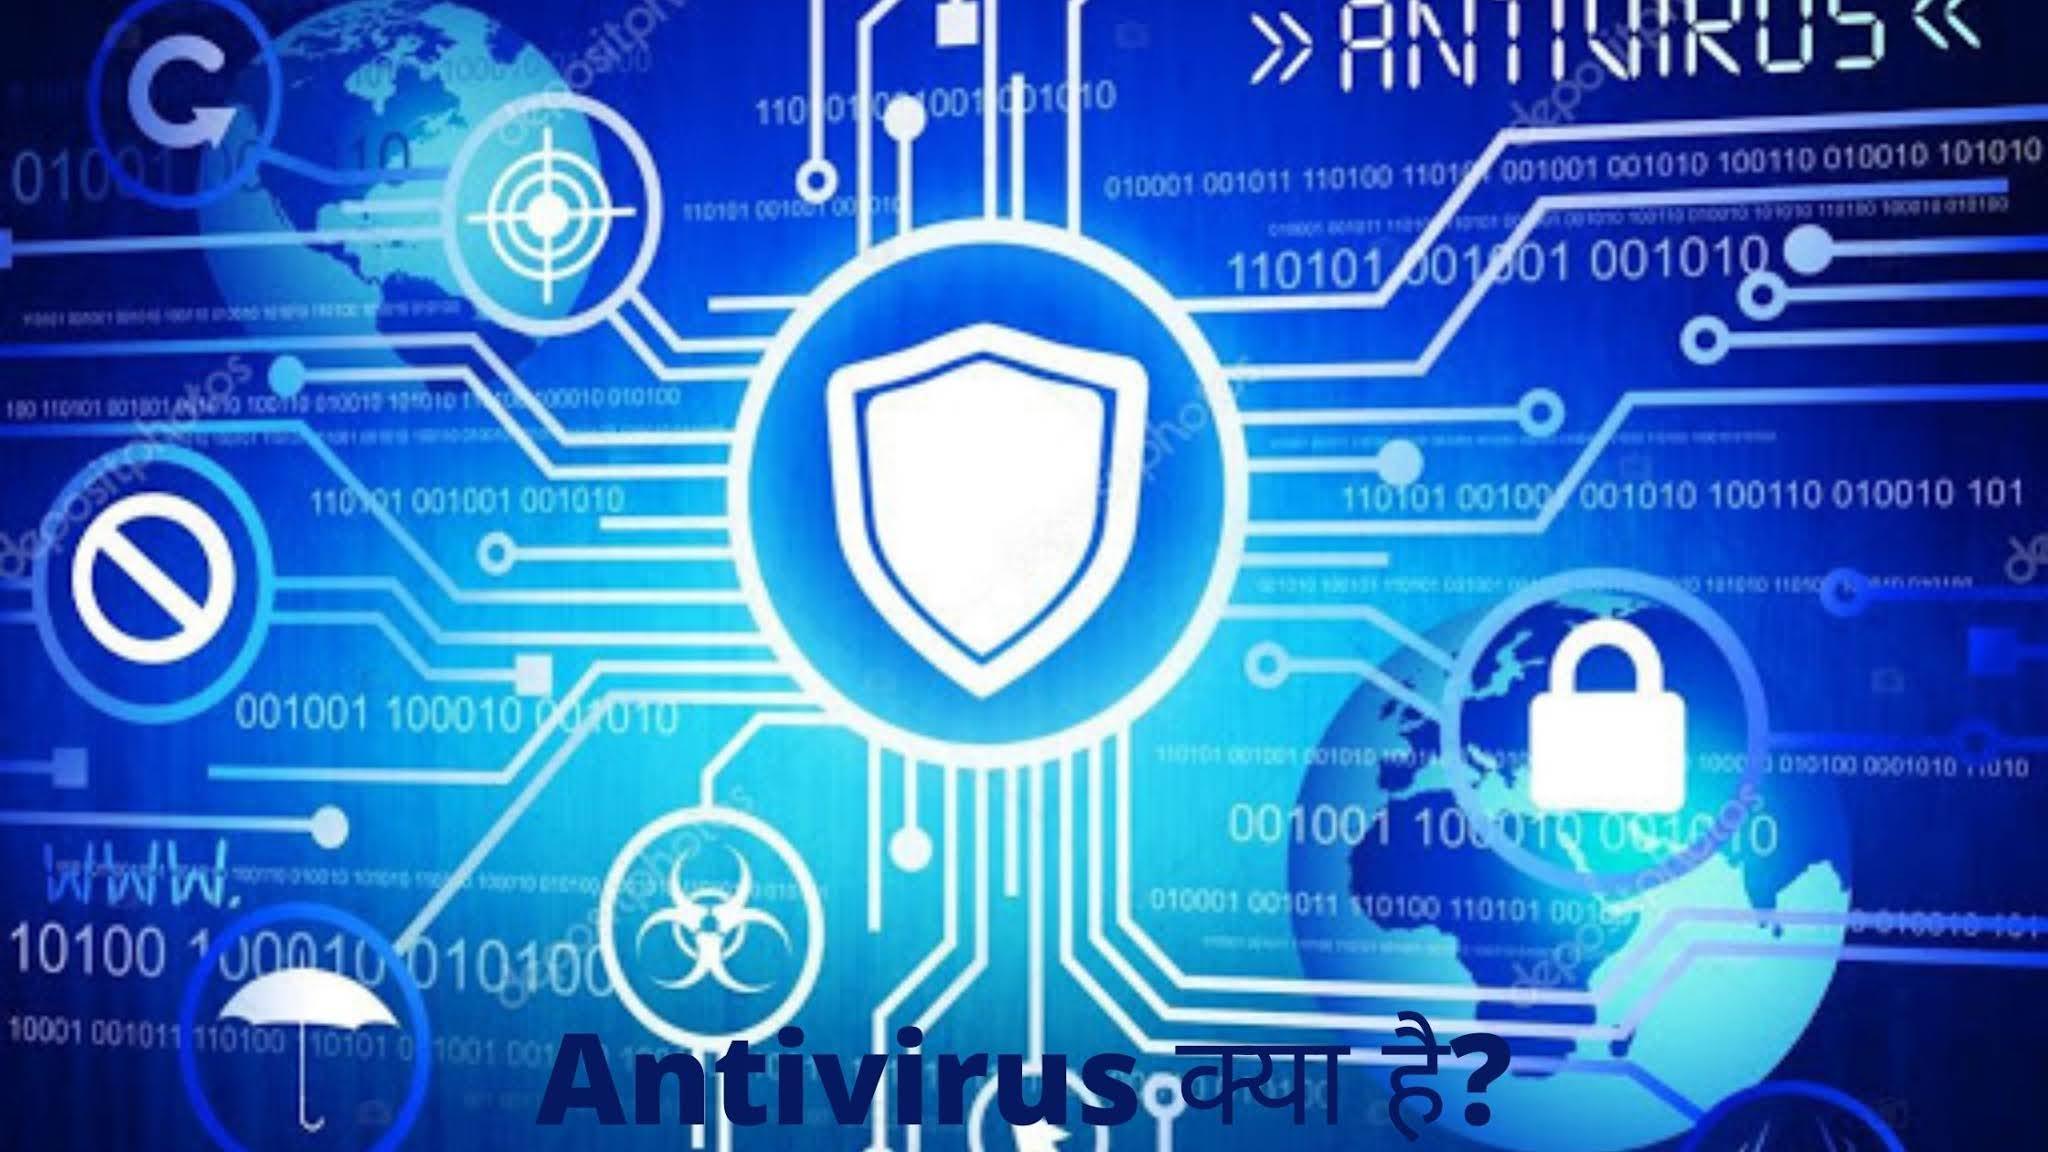 What is Antivirus in Hindi?